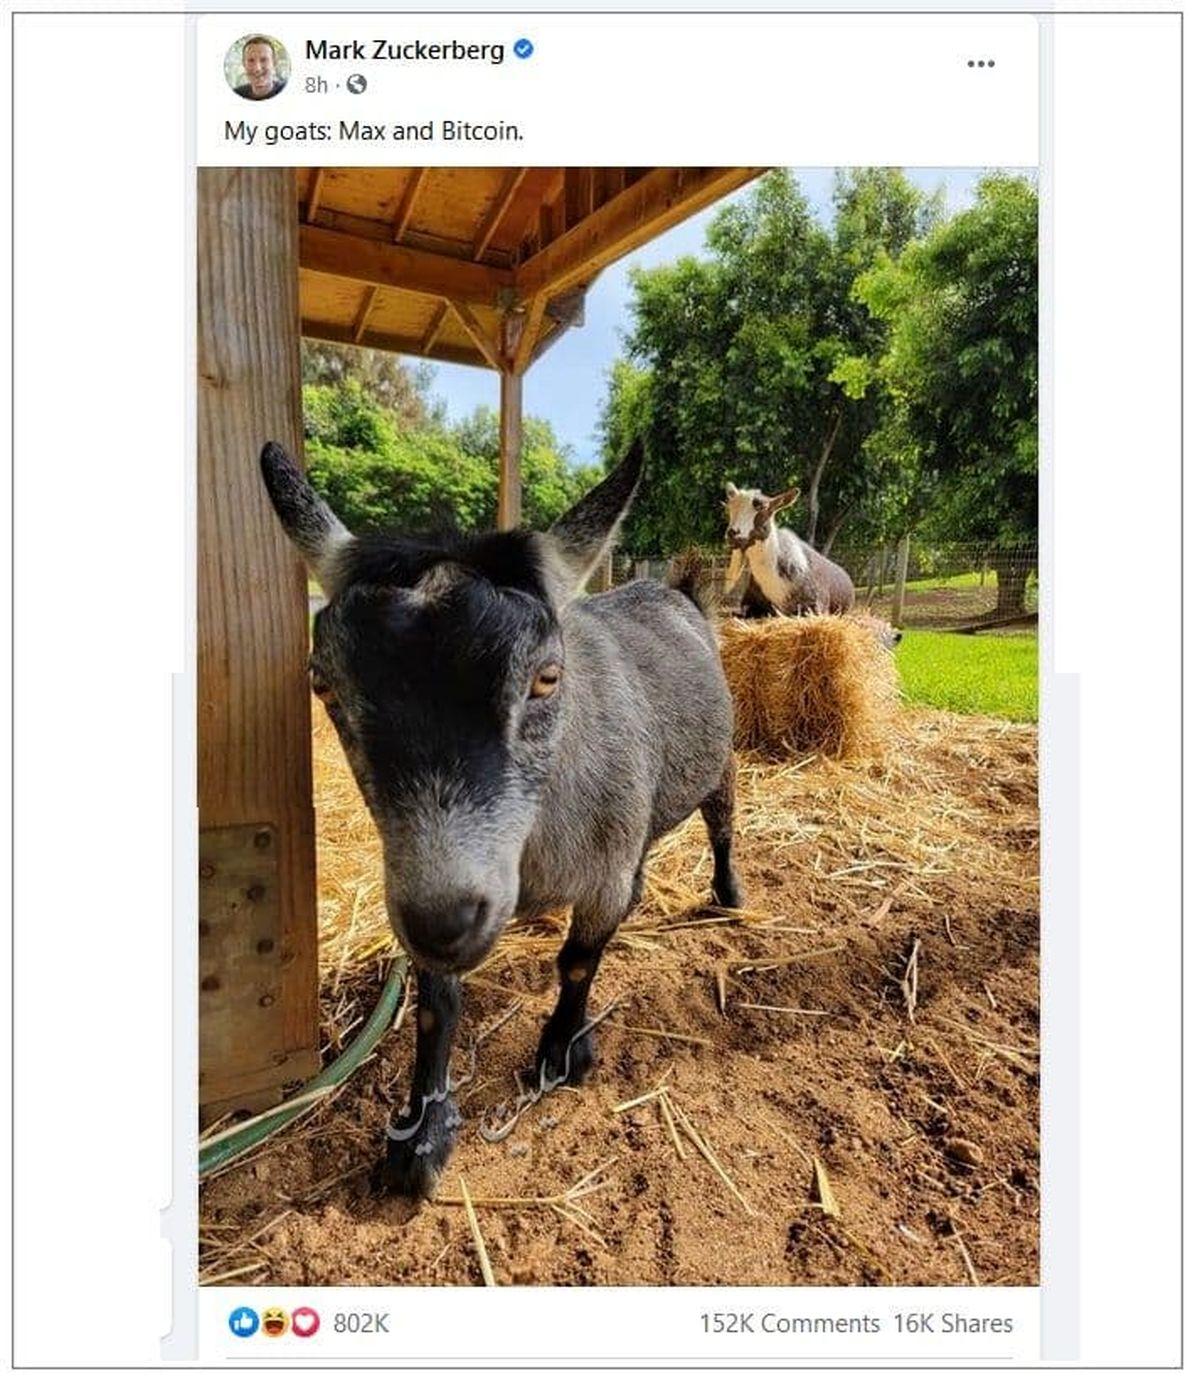 اسم های جالب حیوانات خانگی مارک زوکربرگ +عکس